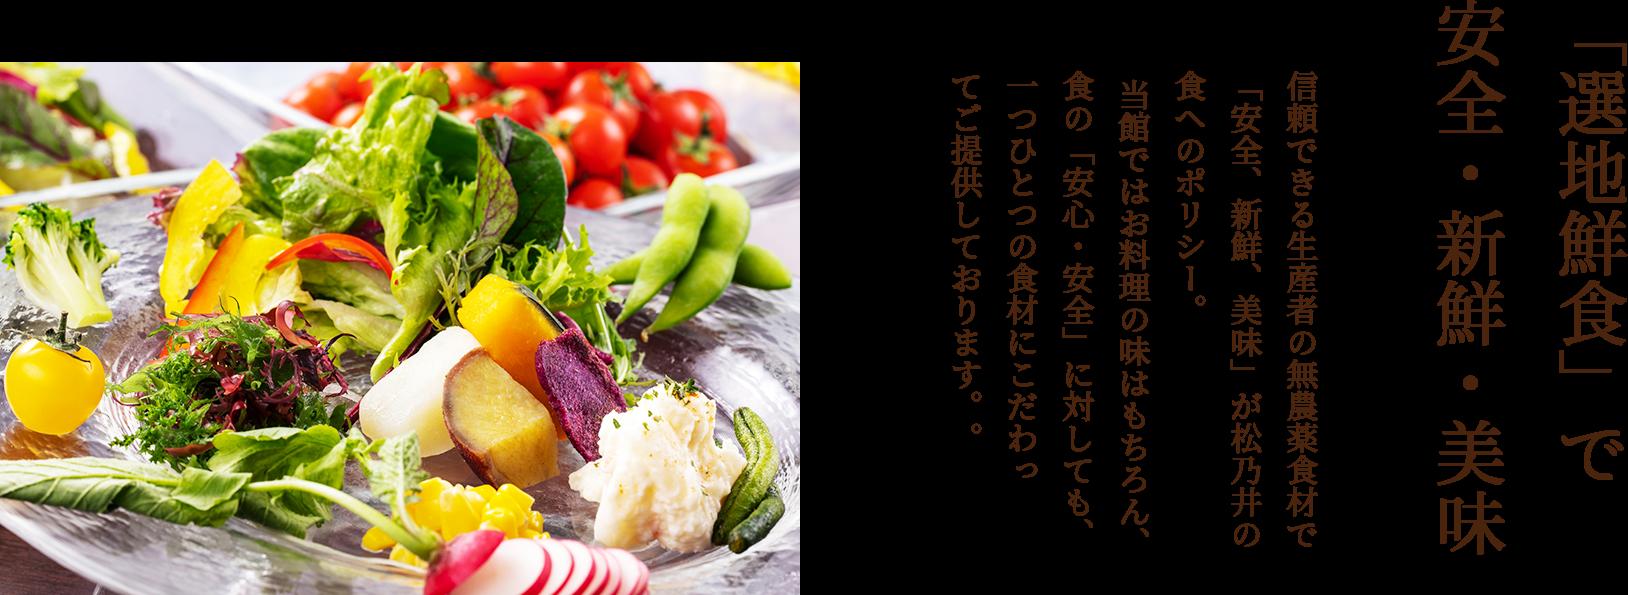 「選地鮮食」で安全・新鮮・美味